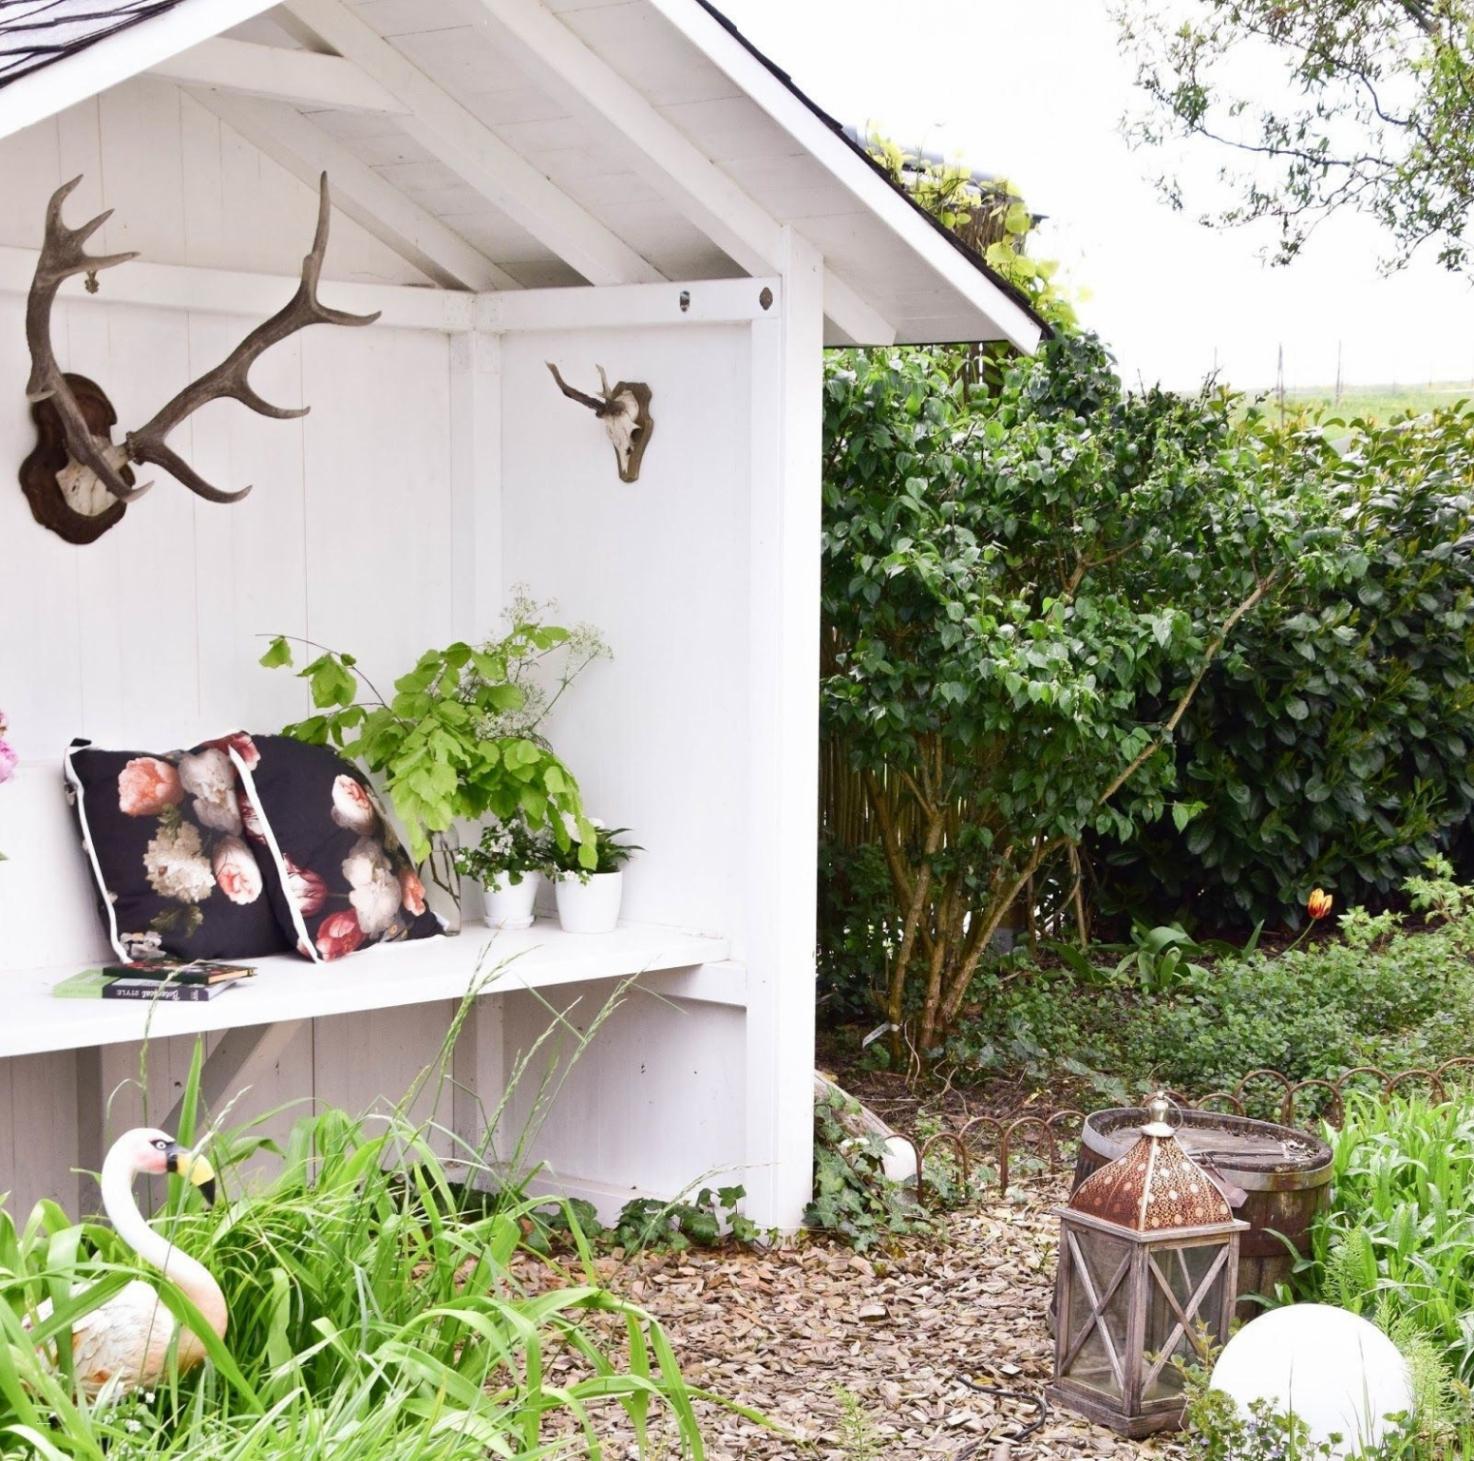 Deko Ideen Für Garten Best Of Deko Draußen Selber Machen — Temobardz Home Blog